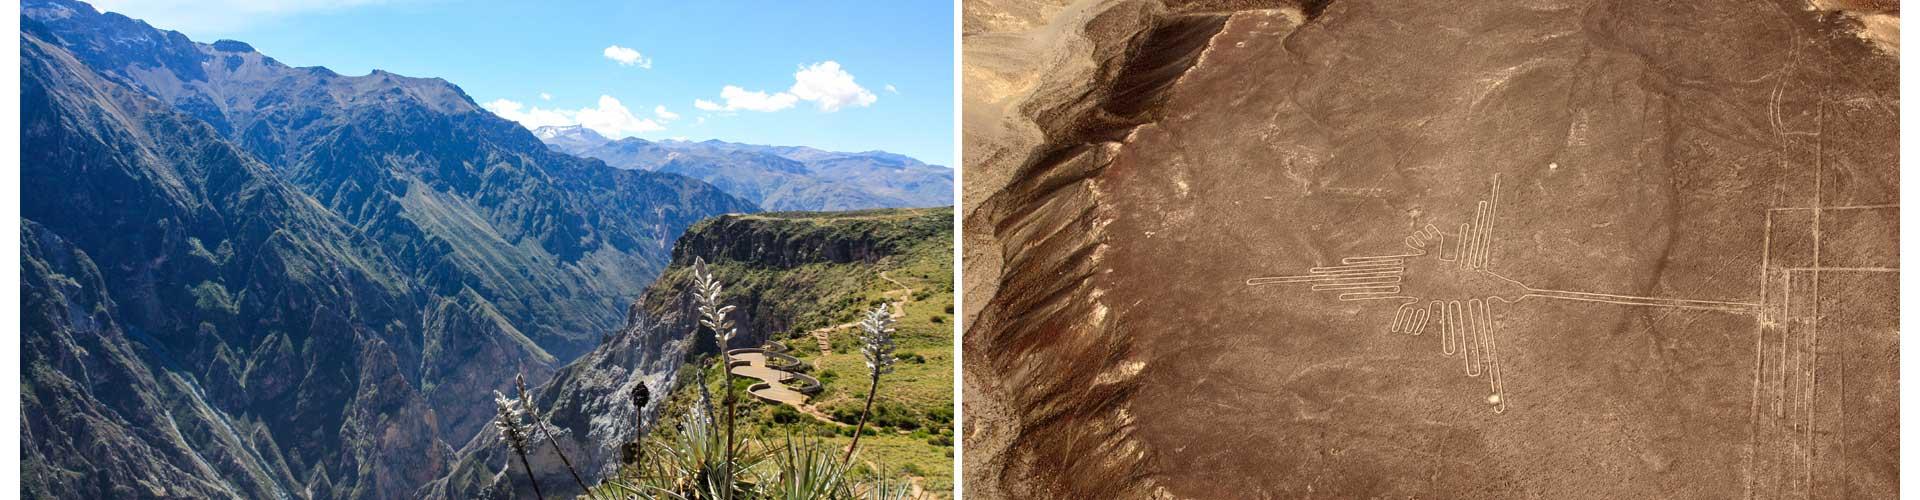 Peru Reisetagebuch Südamerika Nasca Linien Gebirge